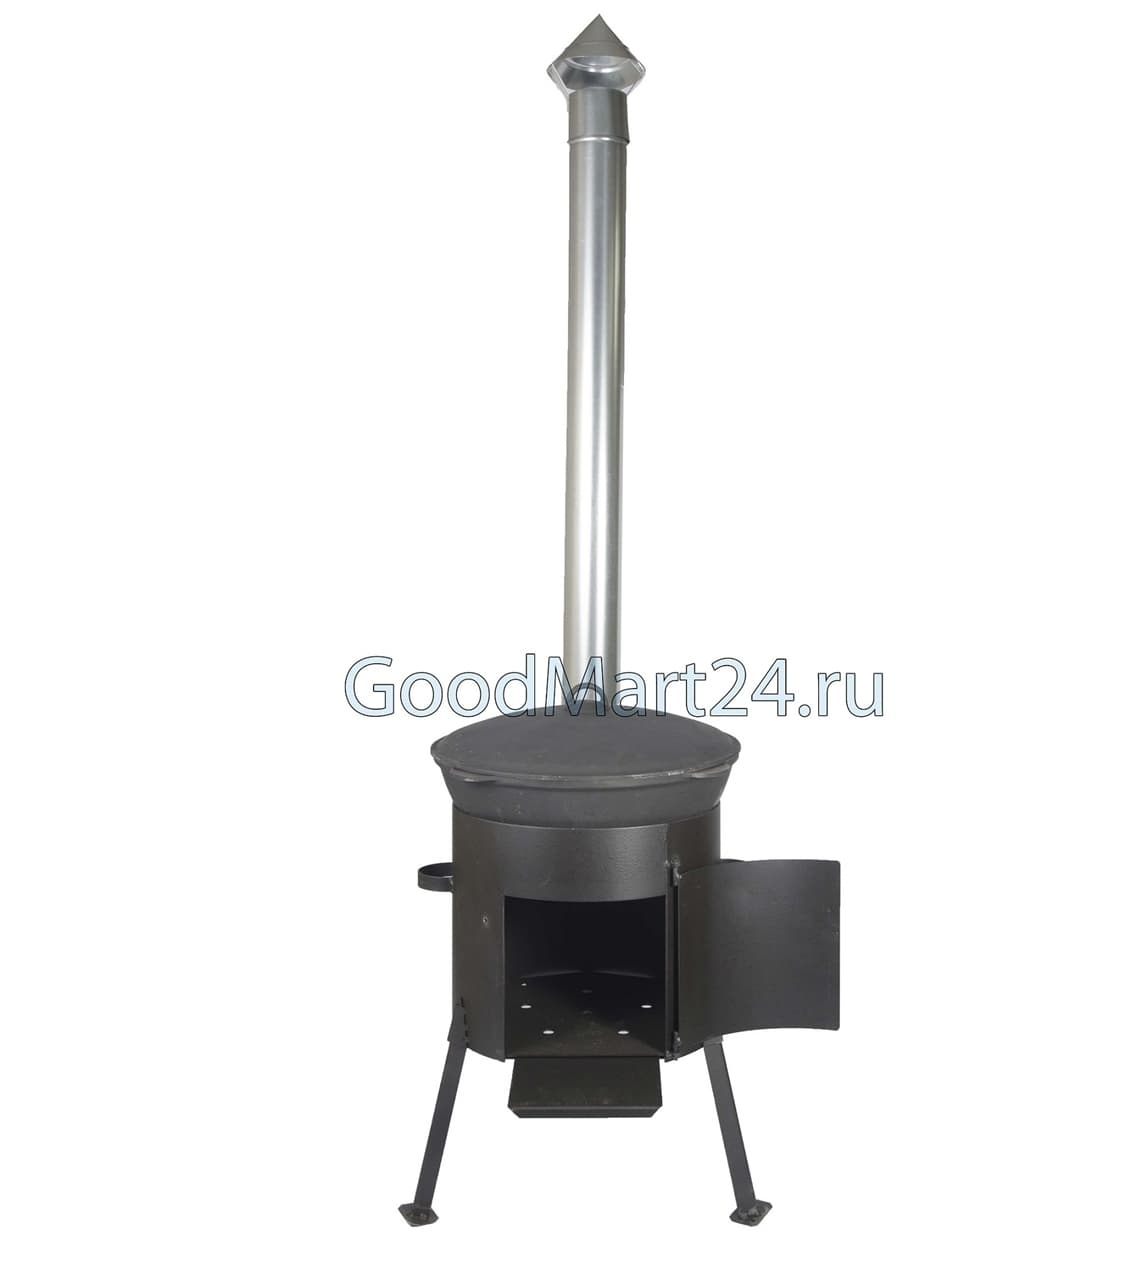 Комплект: Чугунный казан 10 л. Балезинский ЛМЗ + Печь с трубой D-360 мм, усиленная s- 3 мм. - фото 5540